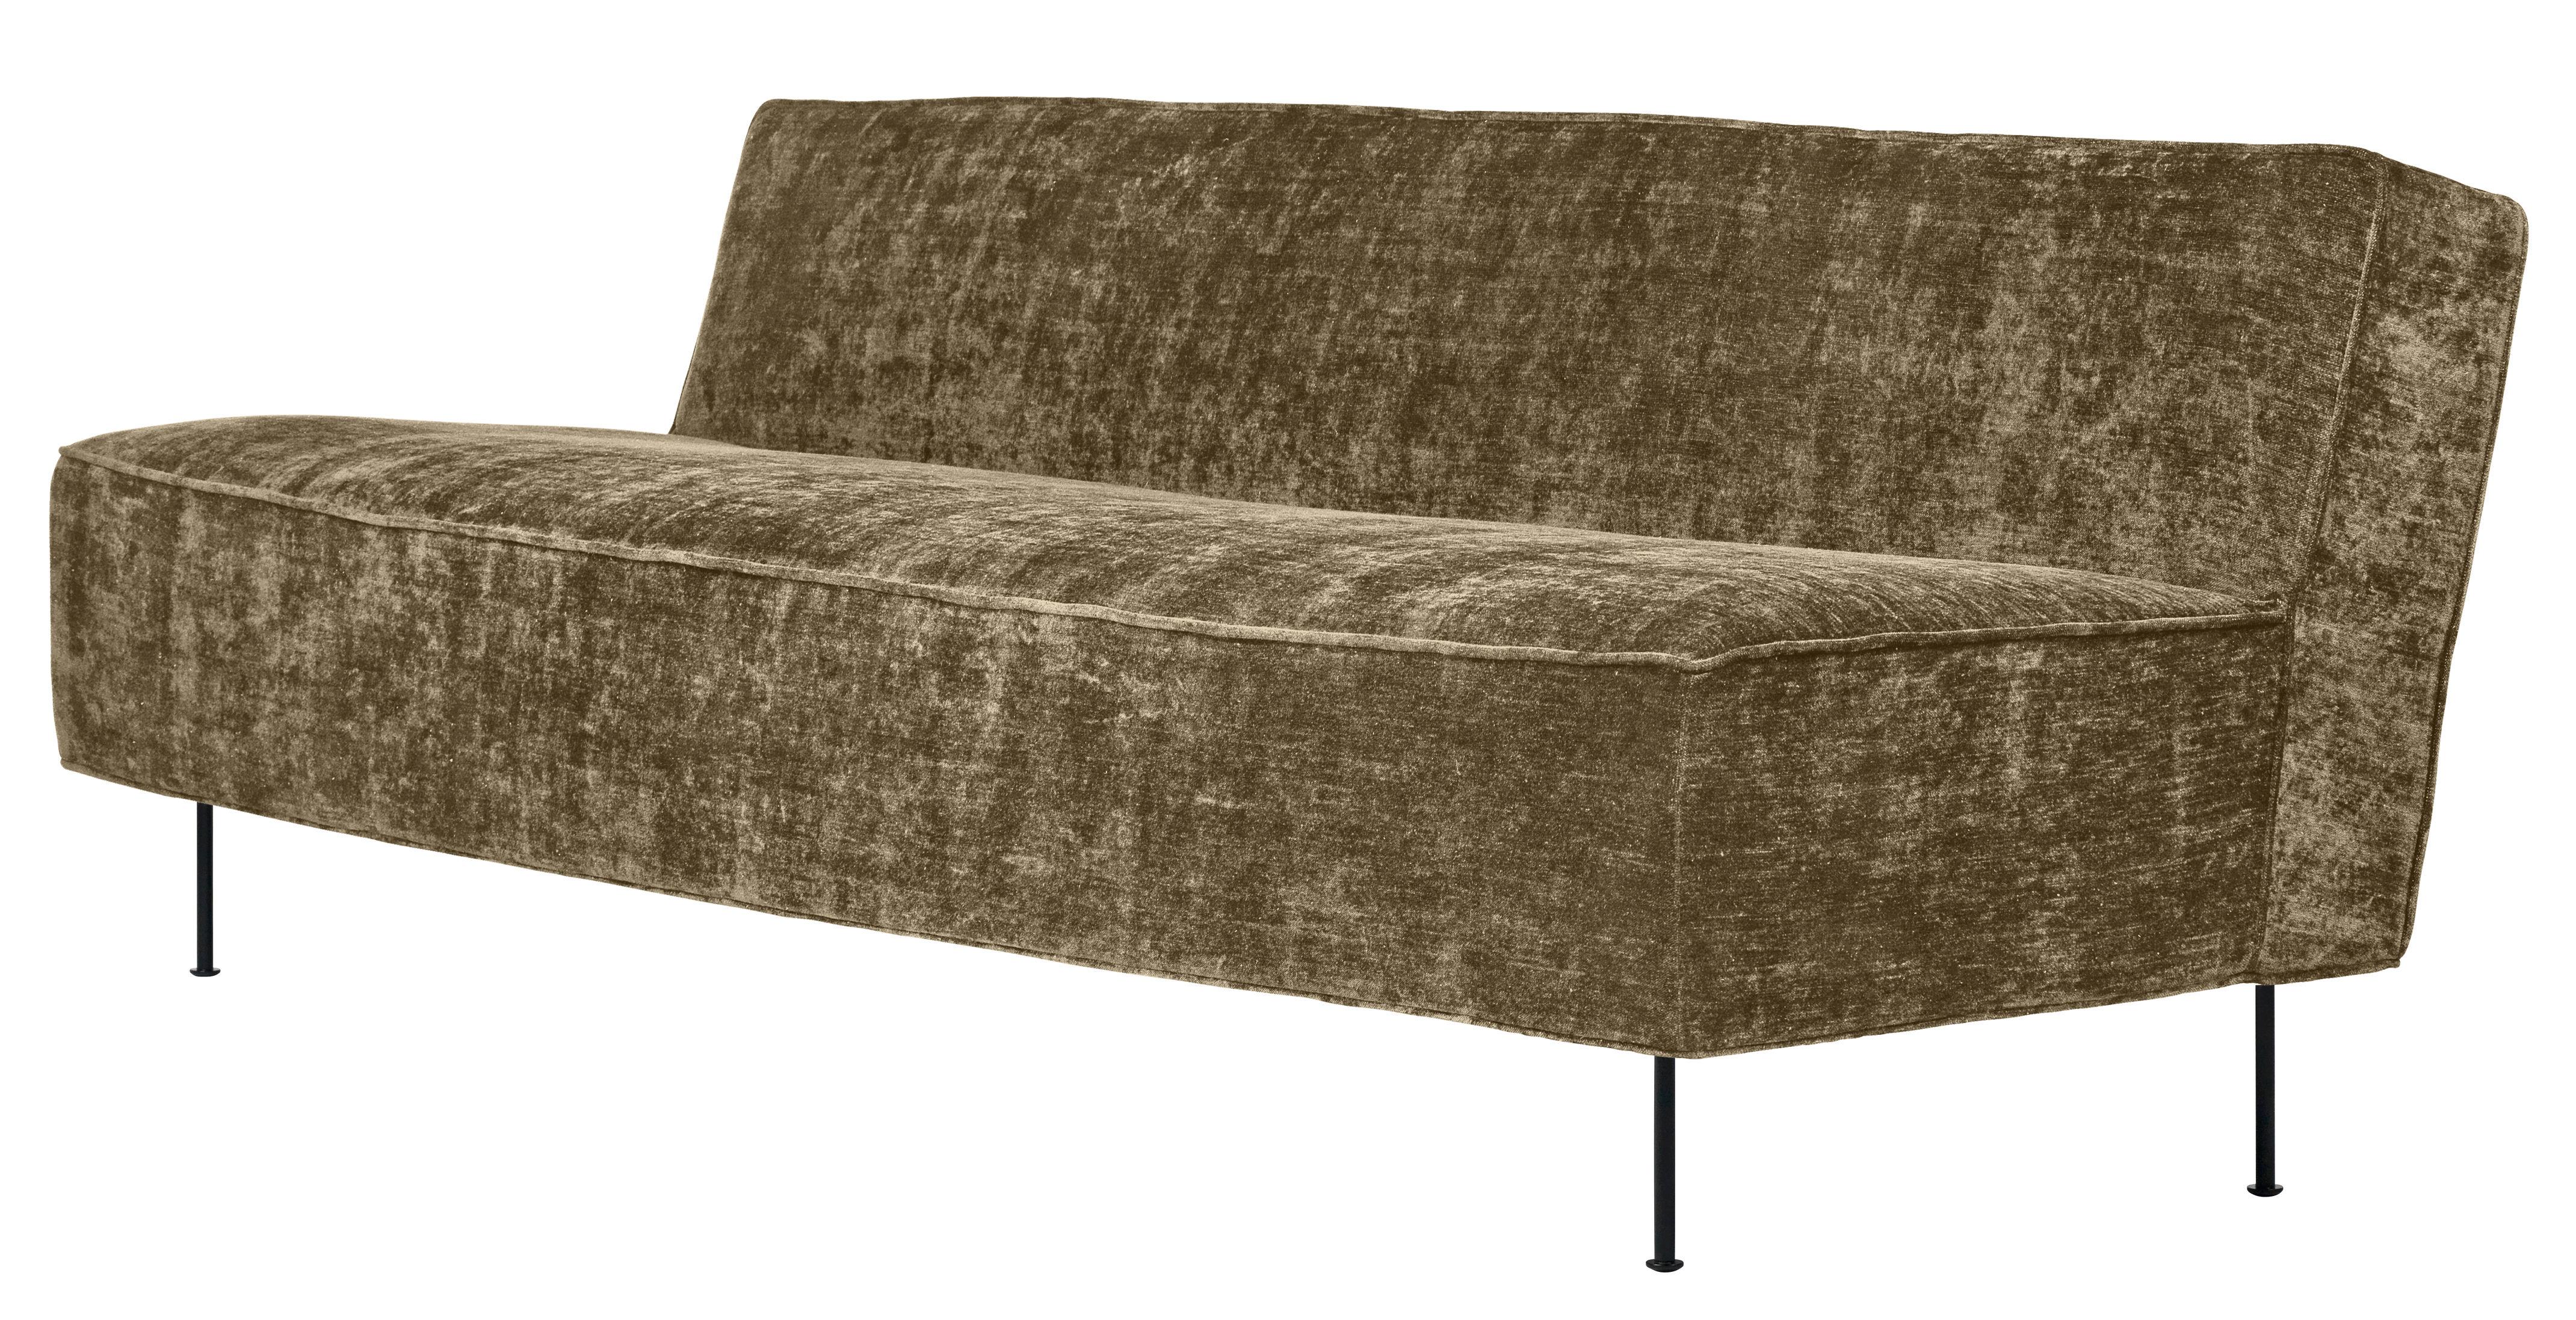 Scopri divano destro modern line grossman l 180 cm - Divano lunghezza 180 cm ...